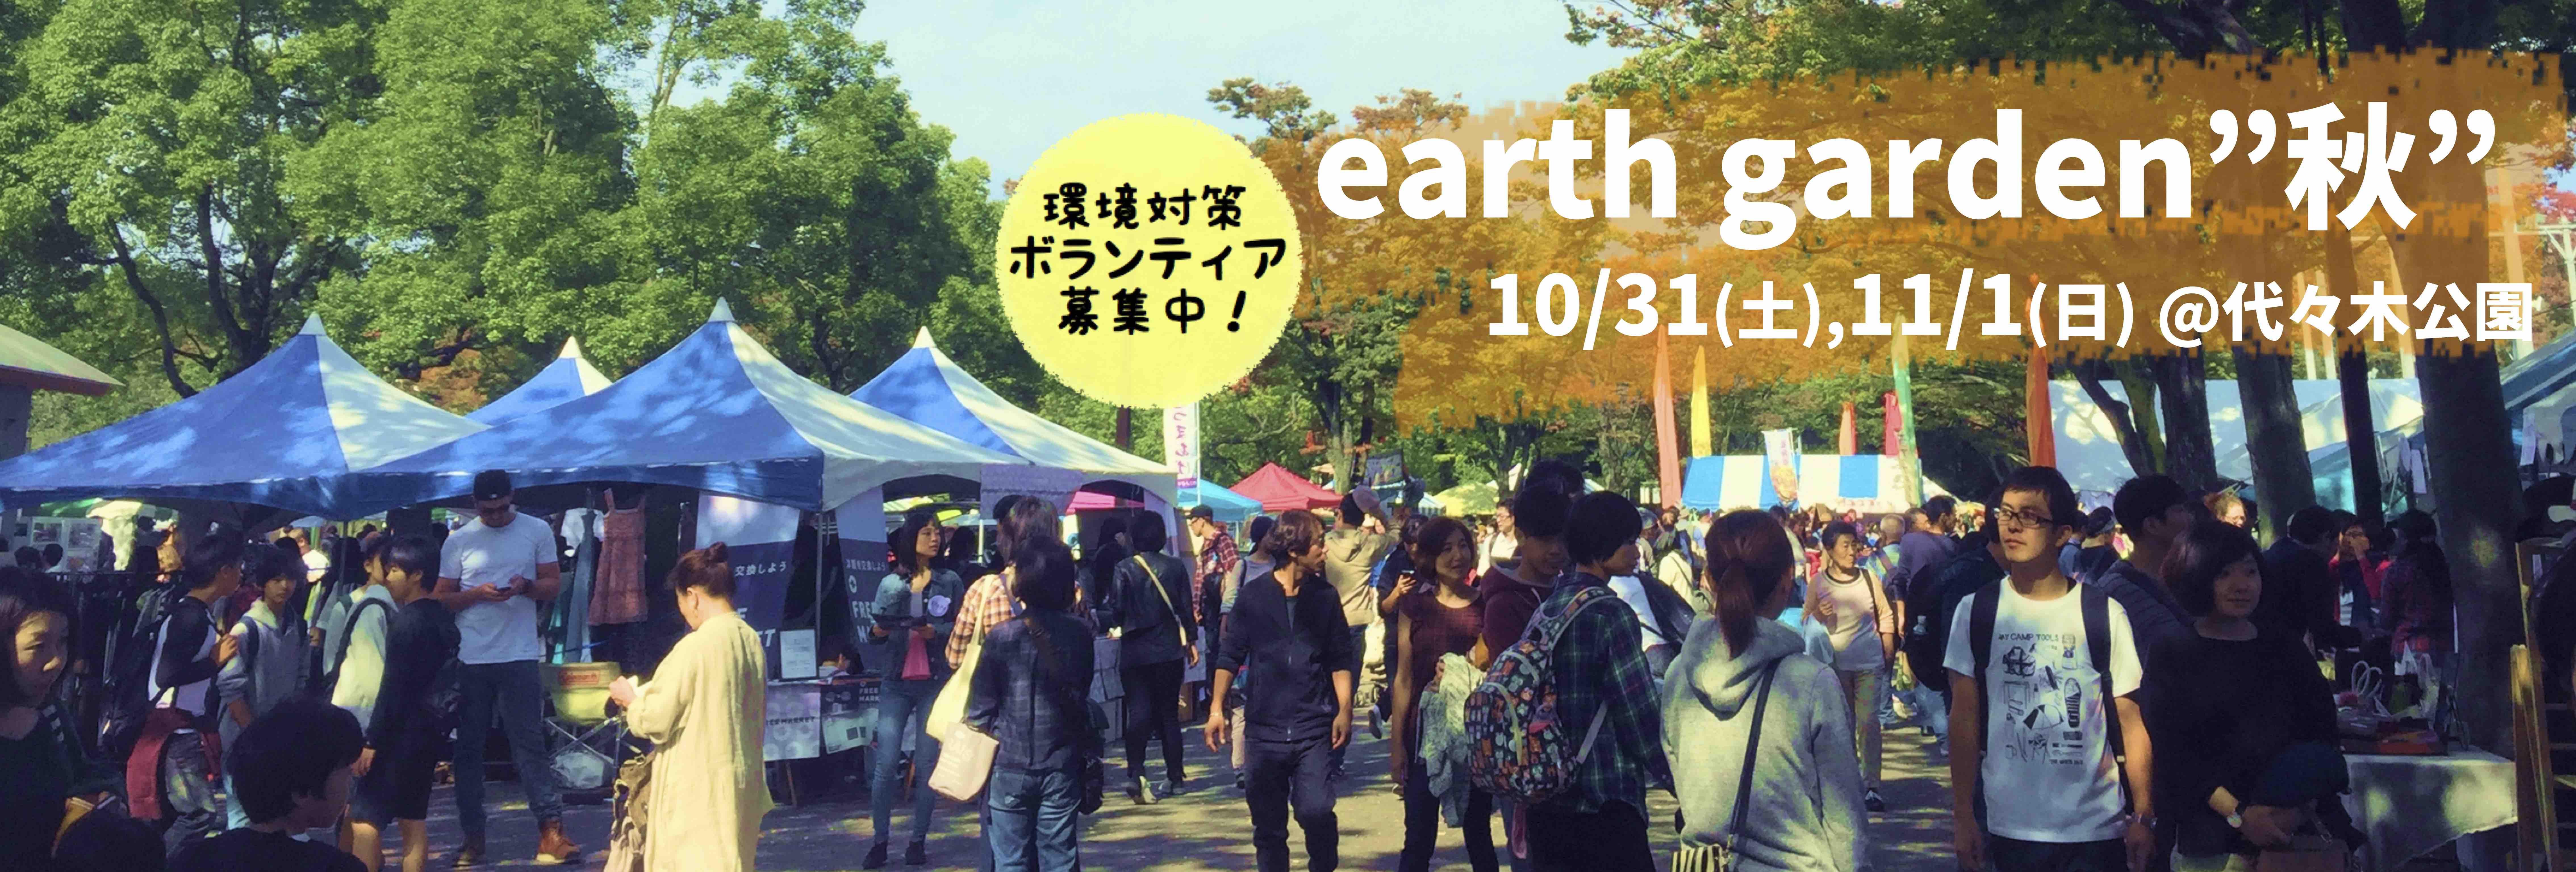 """earth garden """"秋"""""""